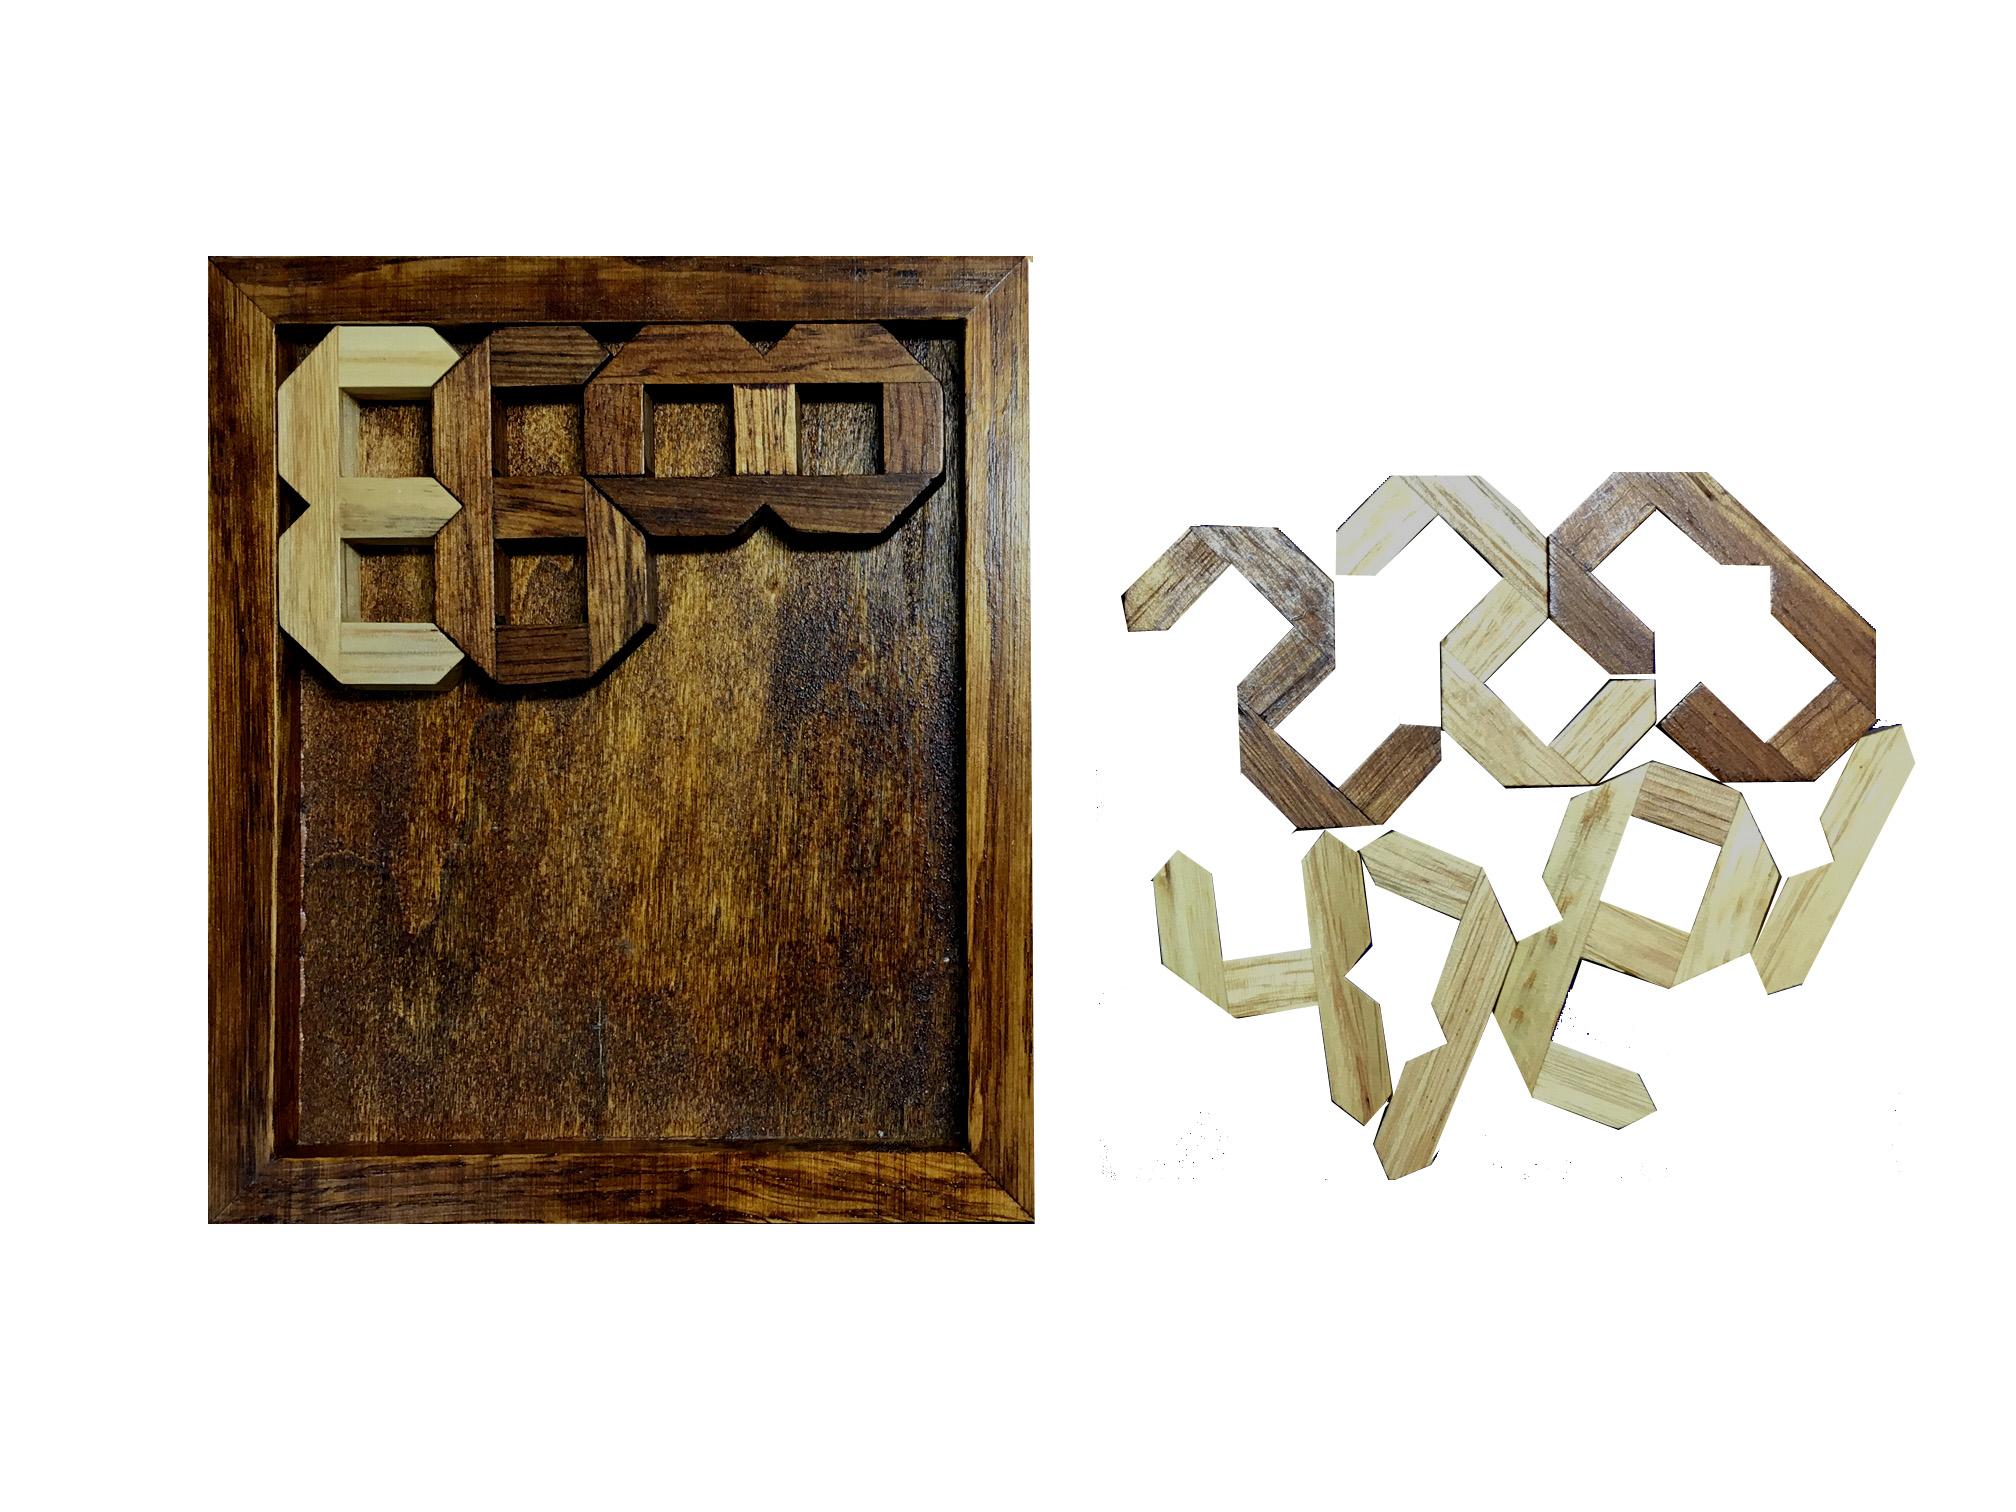 算数ジグソーパズル(木製)